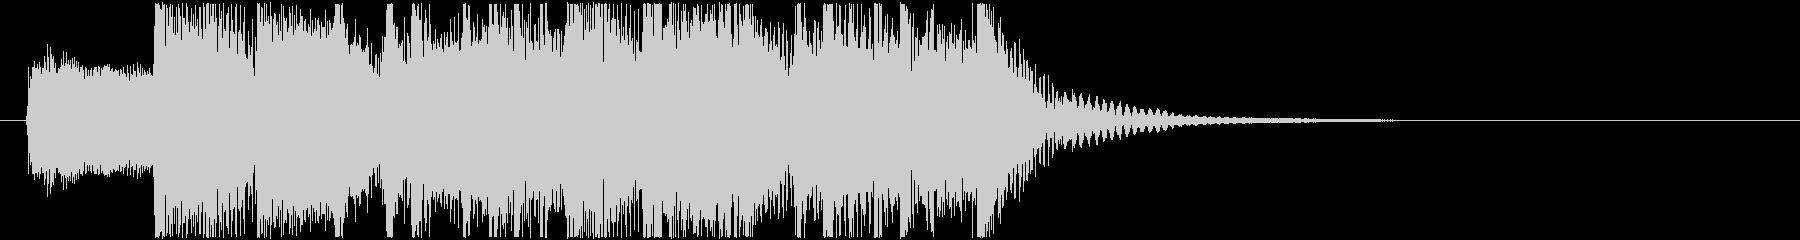 生演奏メタルなアイキャッチ7の未再生の波形